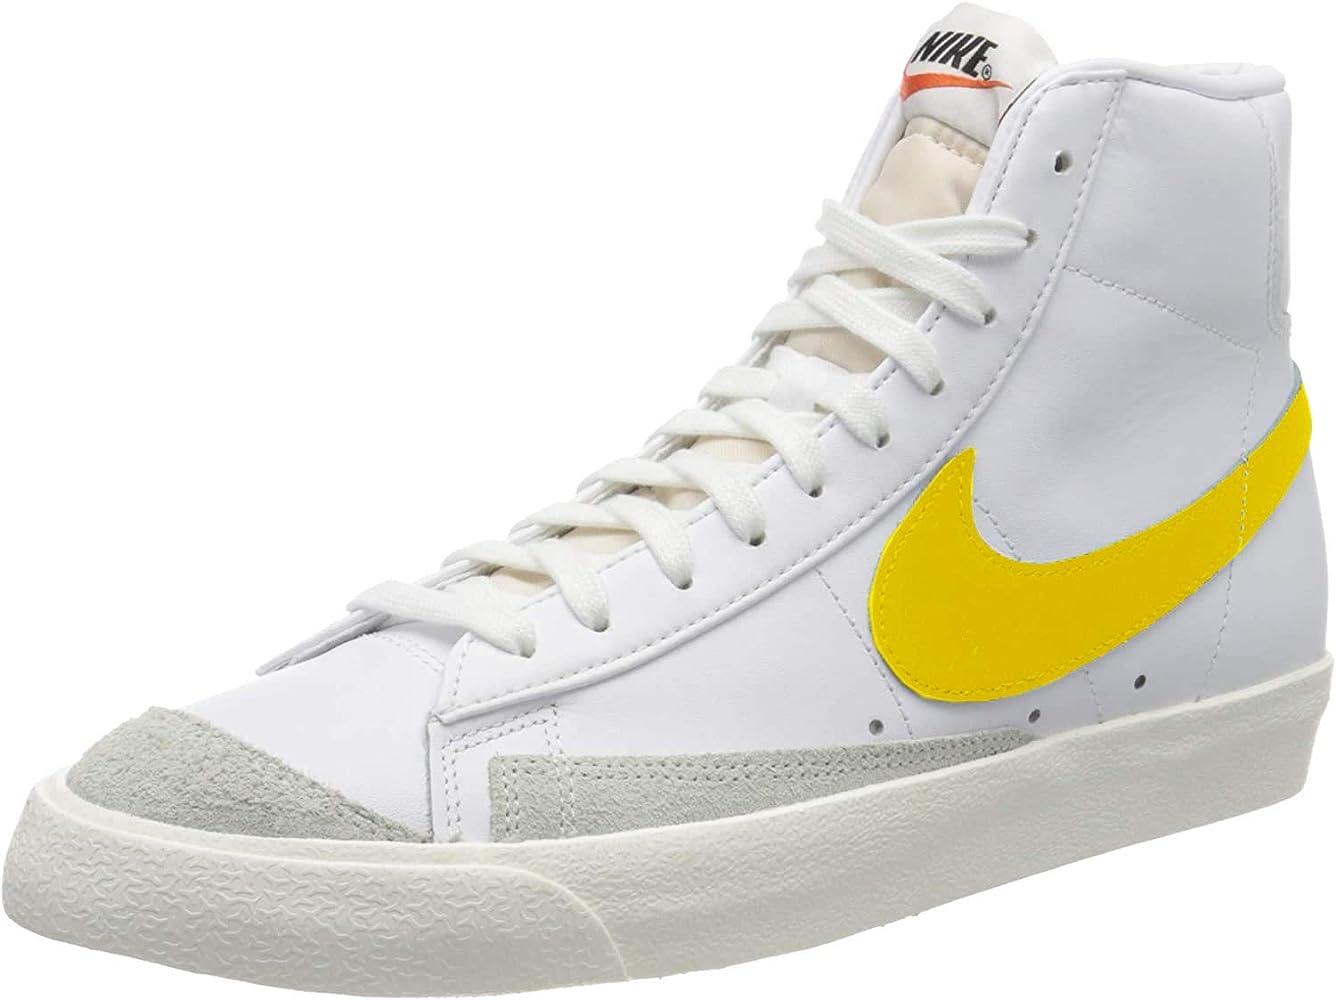 Blazer Mid '77 VNTG (White/Opti Yellow